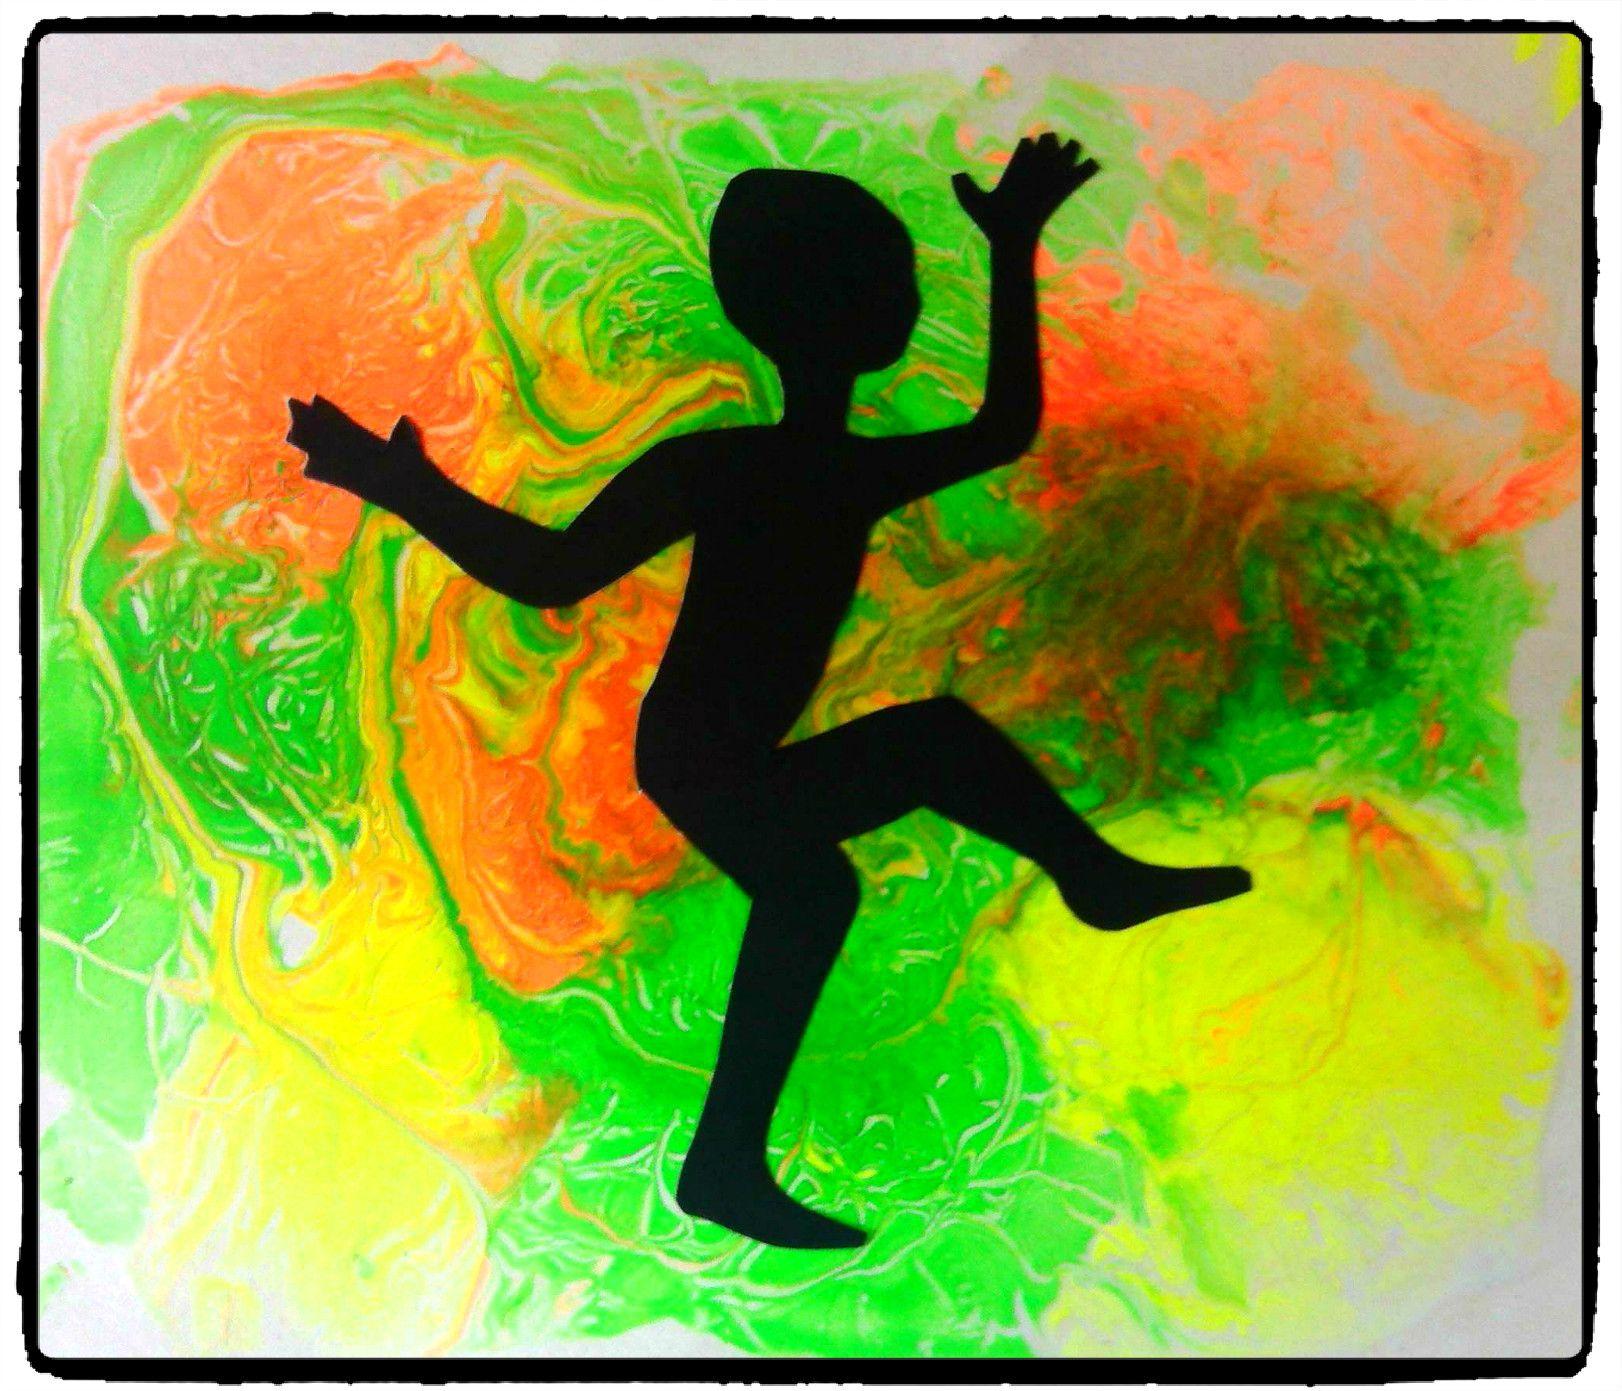 bricolage afrique danse petit africain peinture fluo afrique pinterest fluo afrique et. Black Bedroom Furniture Sets. Home Design Ideas